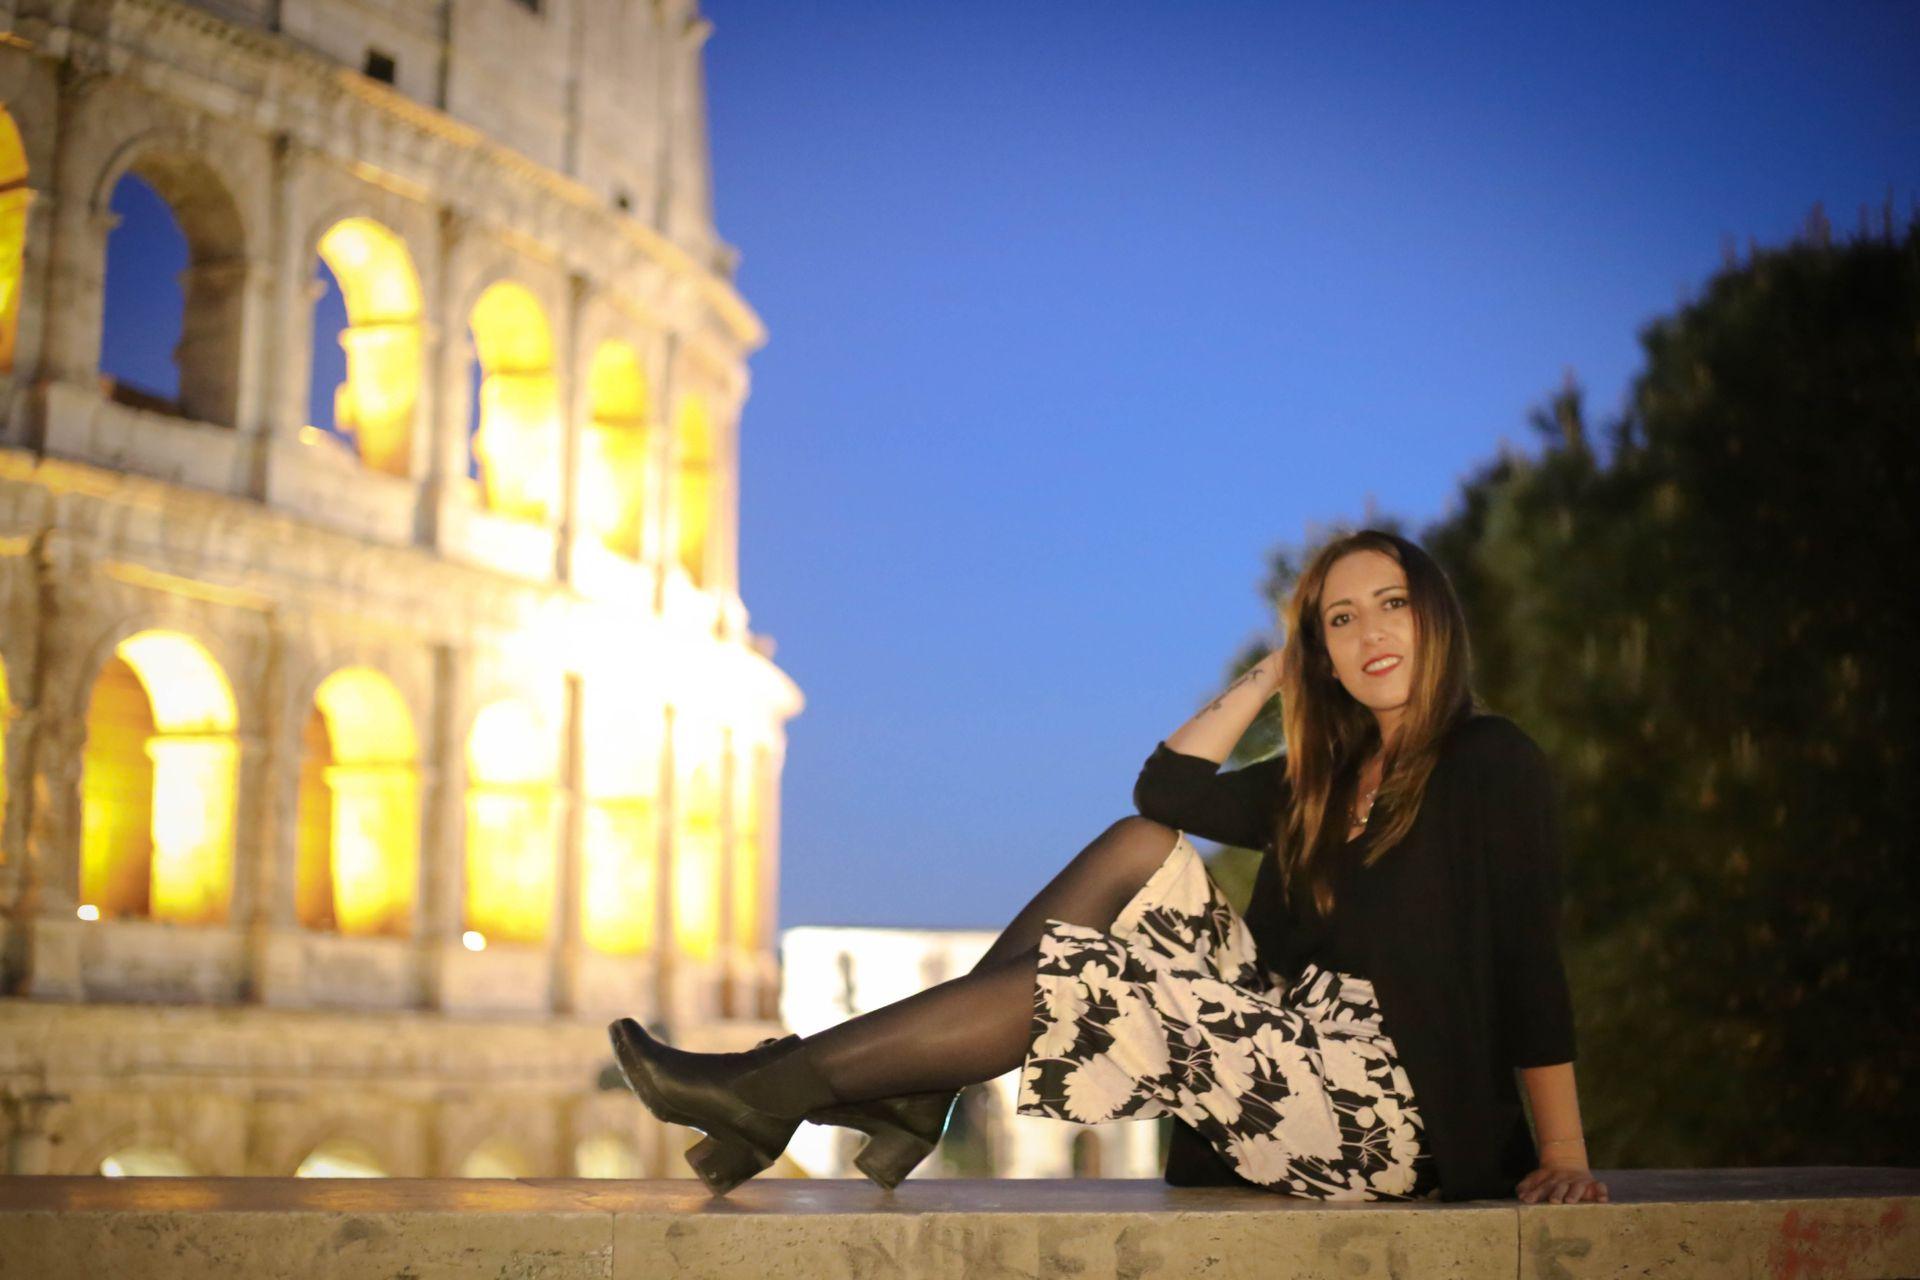 Romina creó una gran plataforma (FB: Europa, allá vamos!) en la cual atiende a una gran comunidad de viajeros que le escriben cada día.